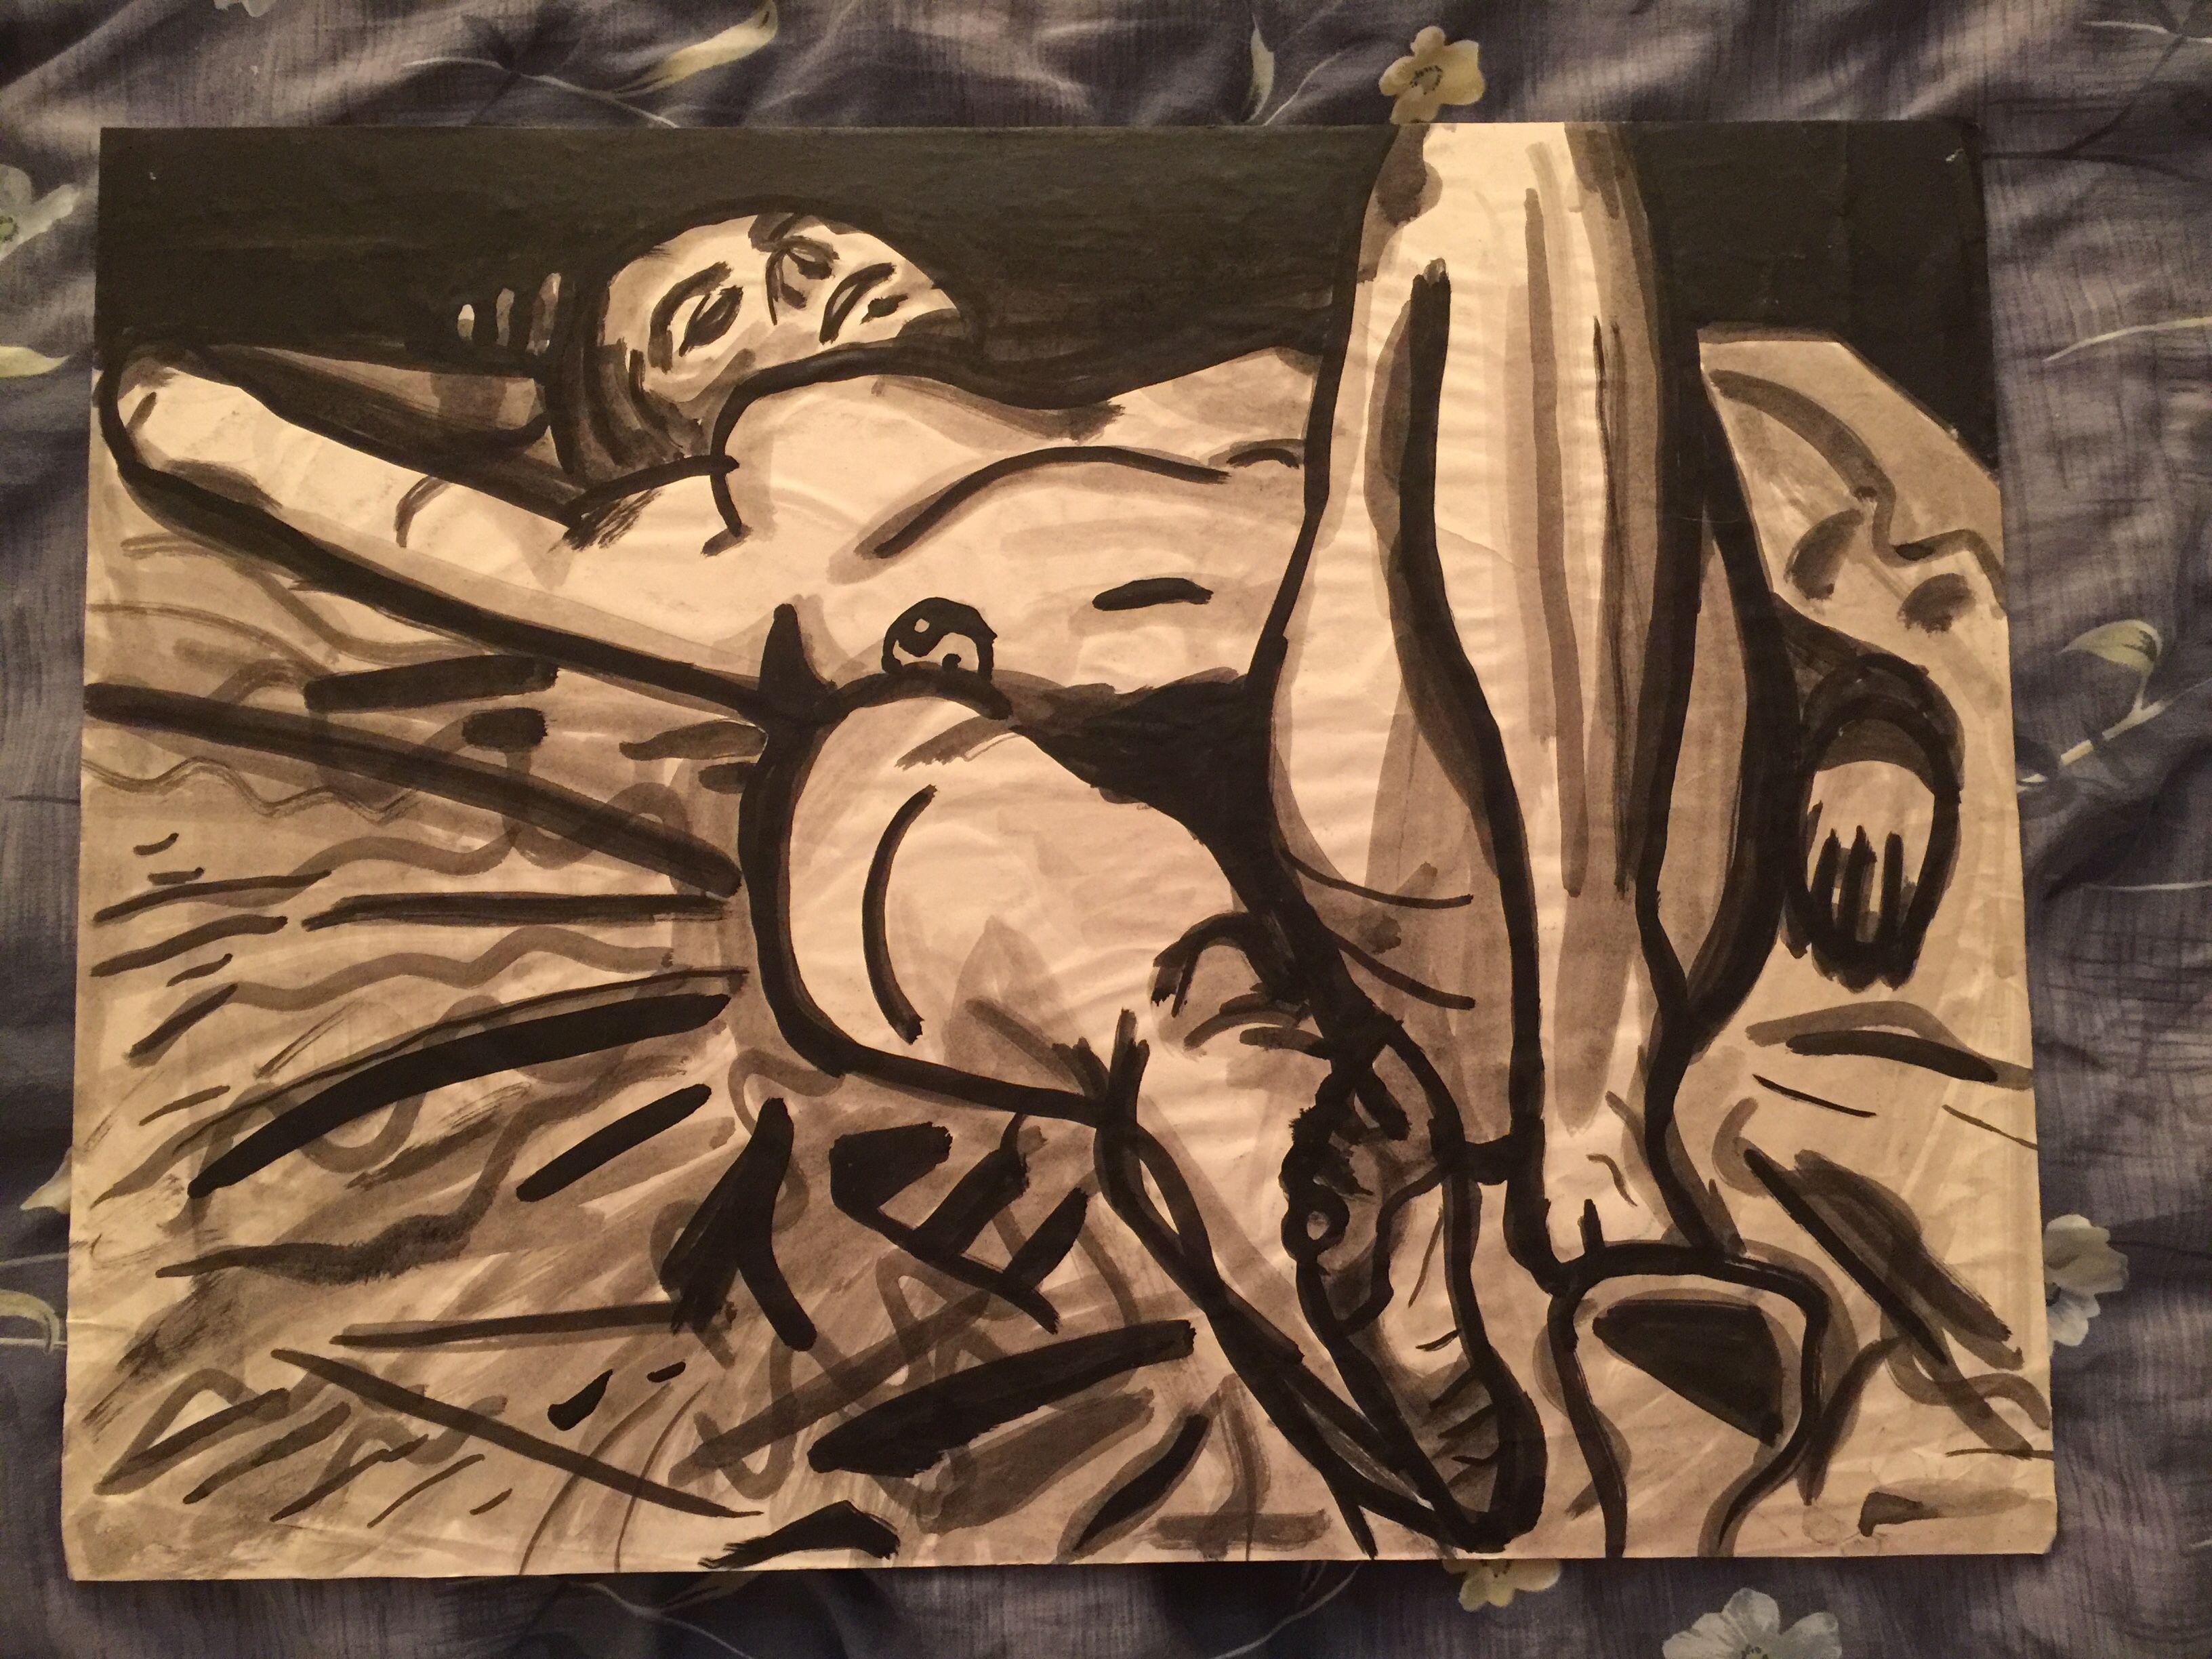 My art by colin kaepernick fan art art my arts